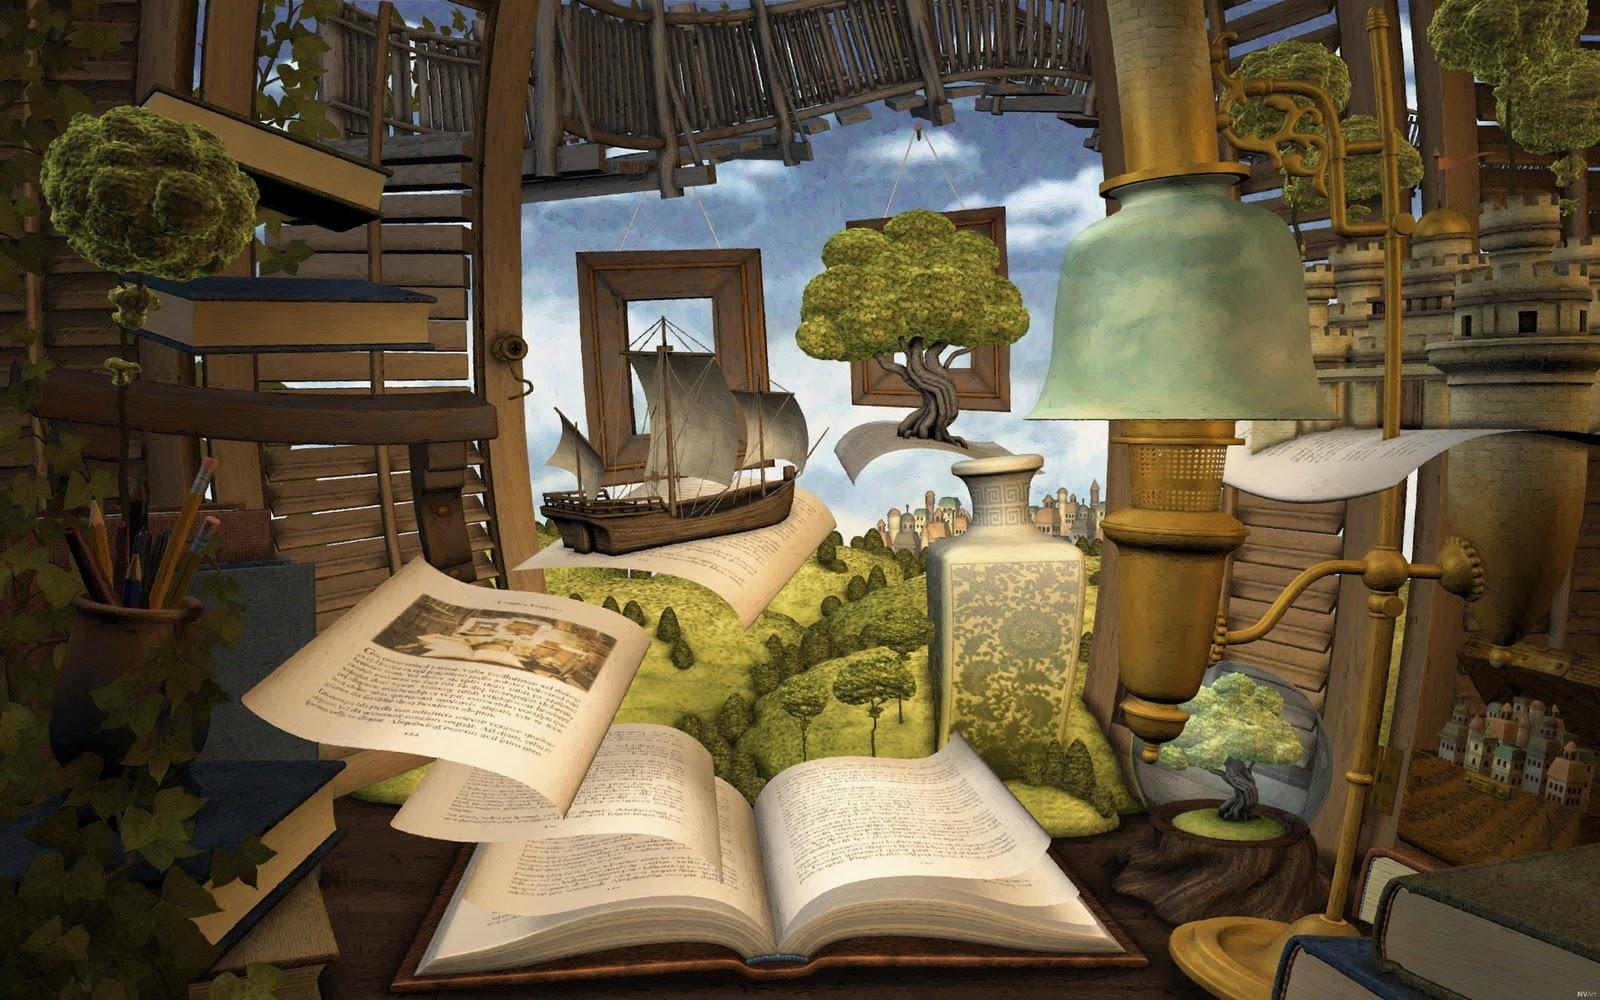 Book  - Page 3 5lostbook_hi_25x16